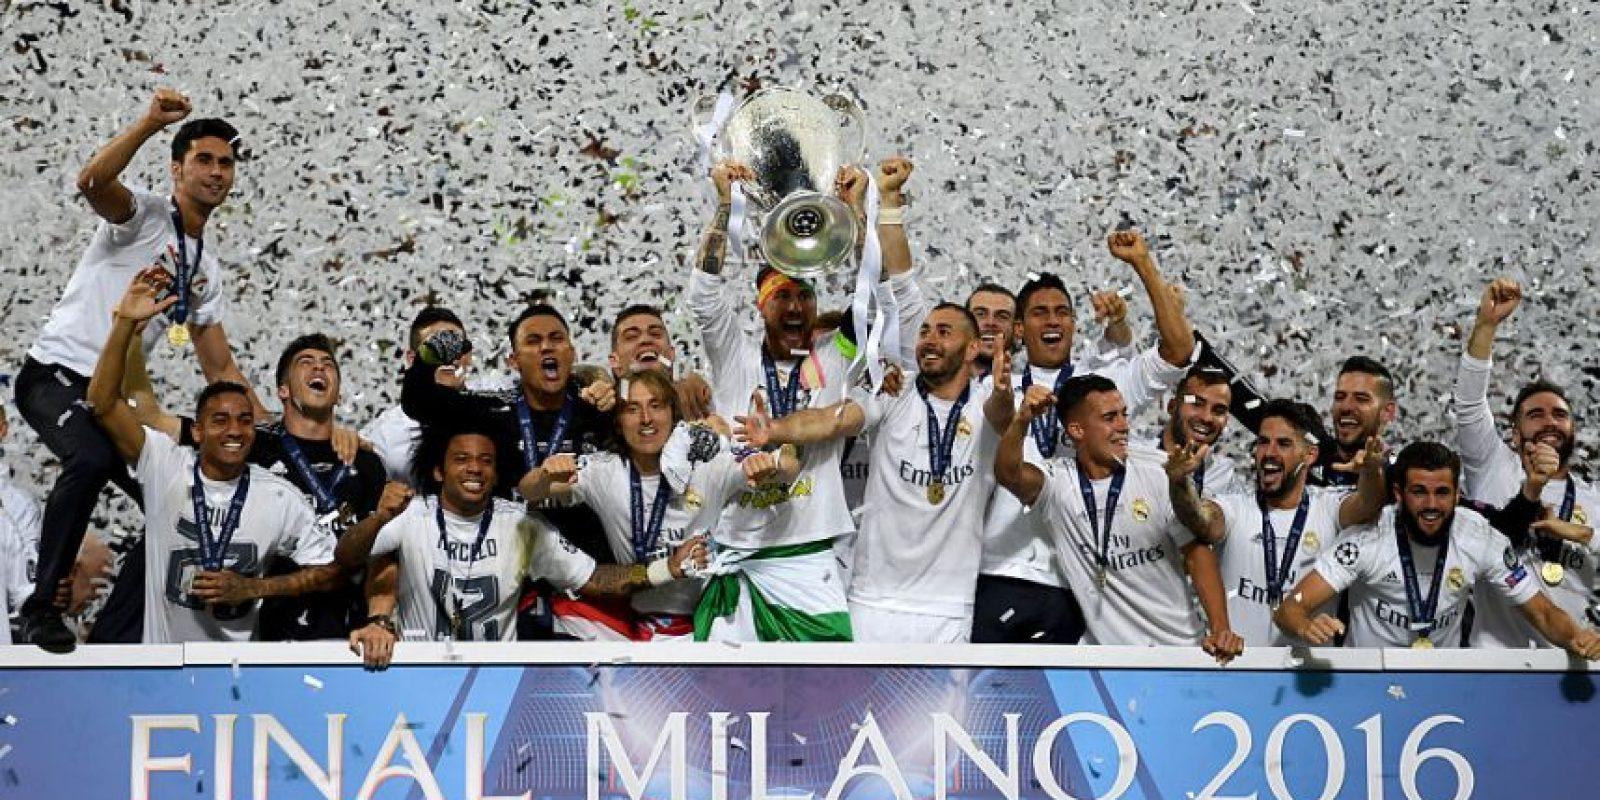 La Champions League, en tanto, comienza su fase de grupos el 13 de septiembre Foto:Getty Images